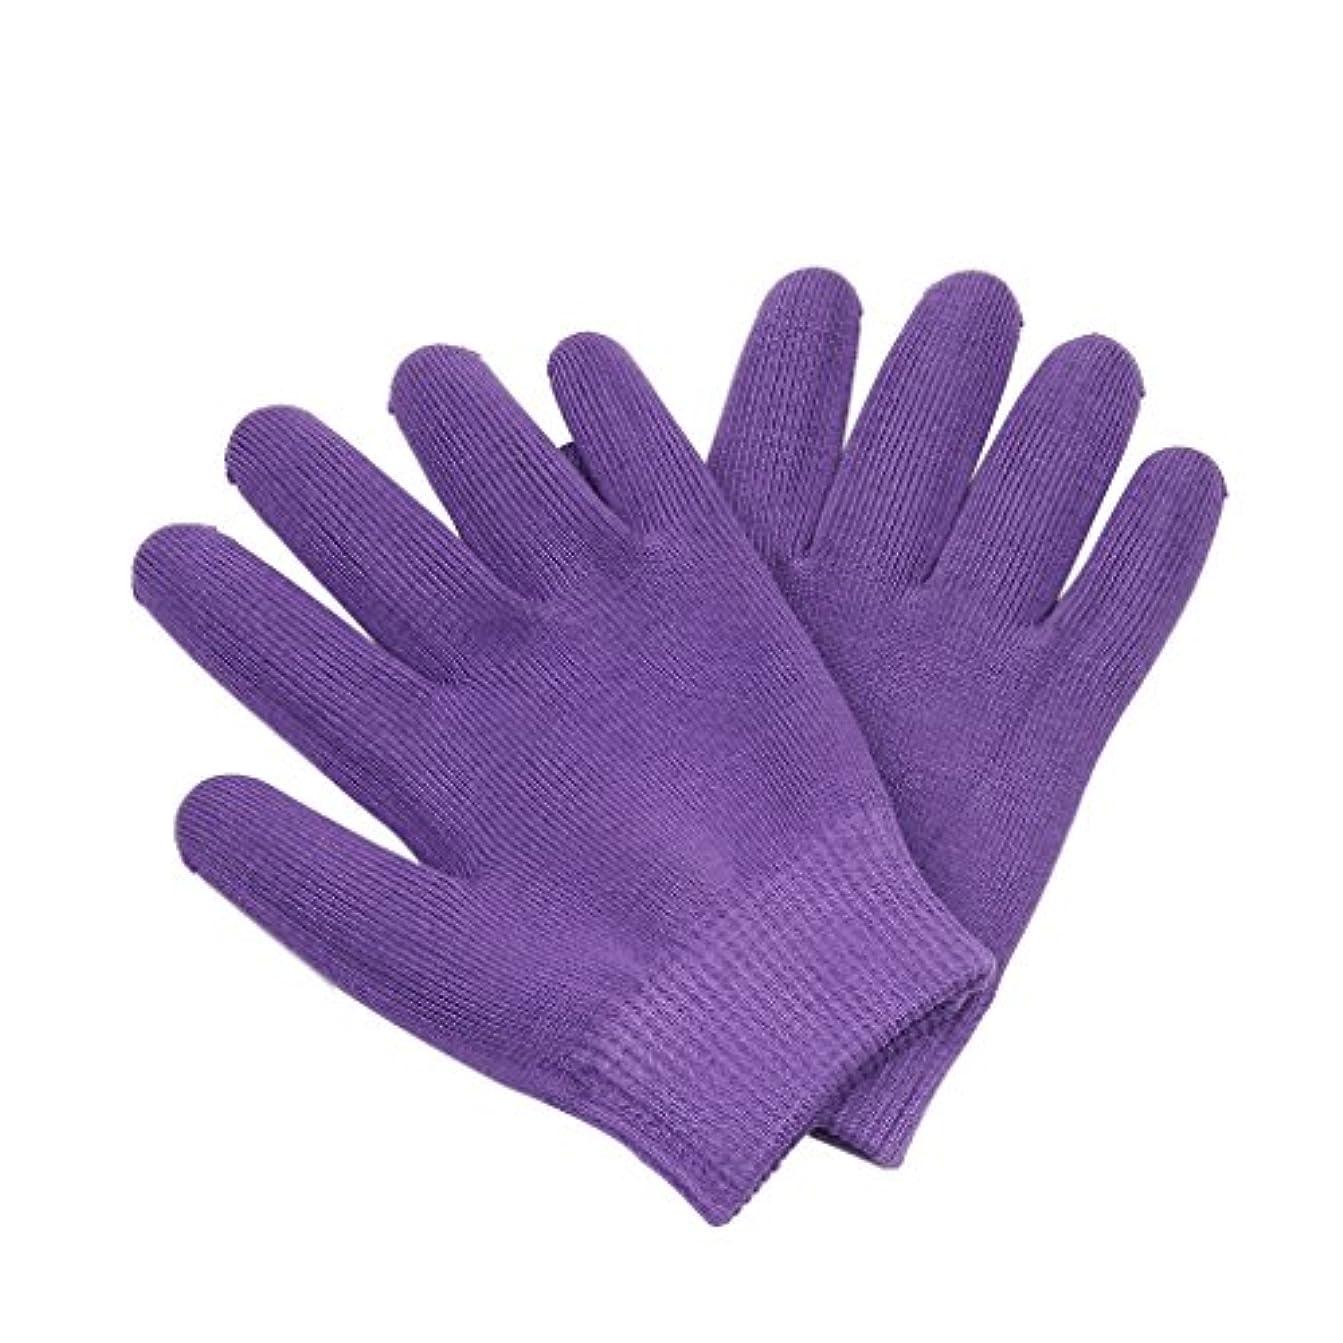 くぼみ銛欠点Lovoski 保湿手袋 おやすみ手袋 手袋 手湿疹 乾燥防止 手荒れ 保湿 スキンケア  メンズ レディース 全3色選べ - 紫